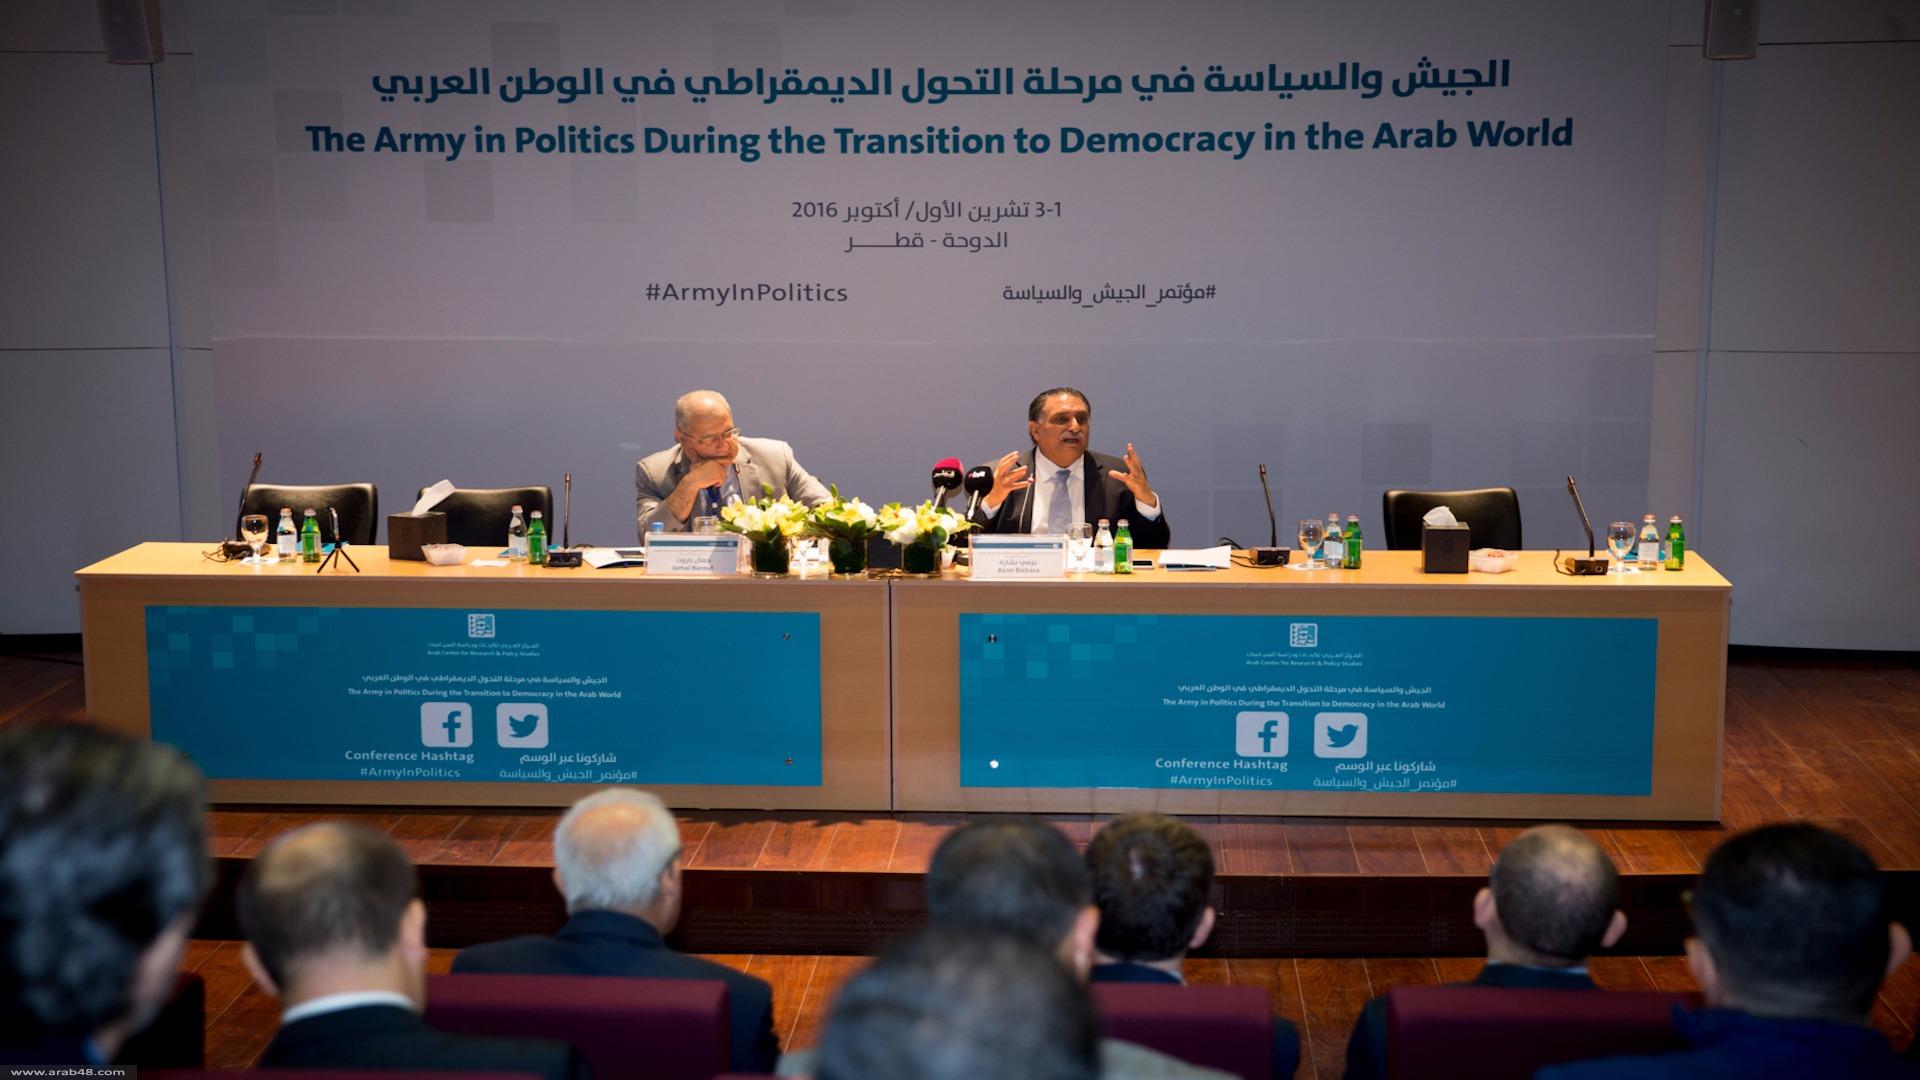 بشارة يطرح الإشكاليات النظرية للجيش والسياسة عربياً